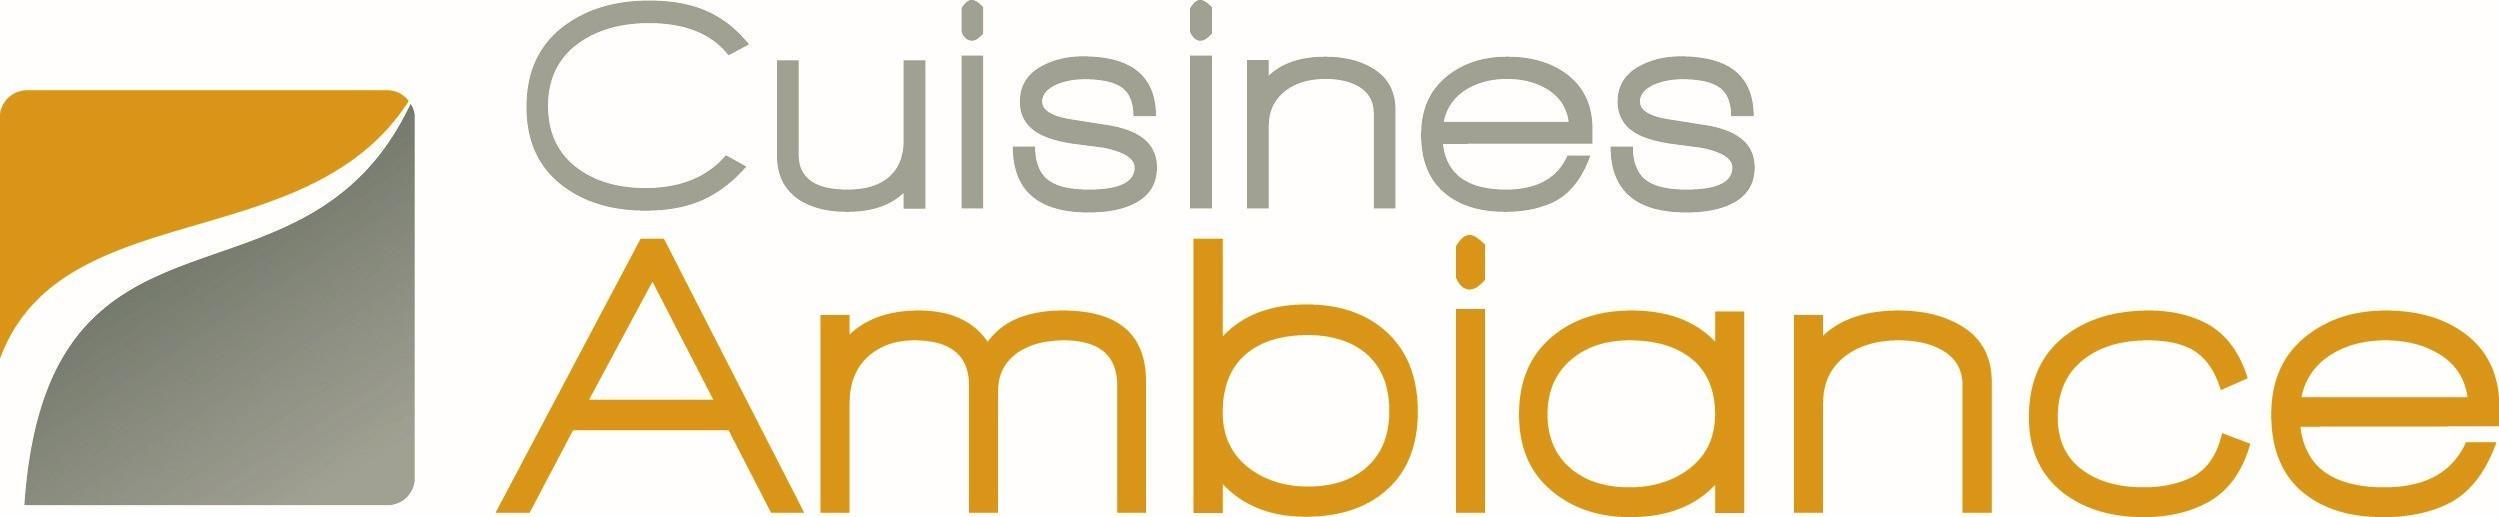 Logo gbp91w2